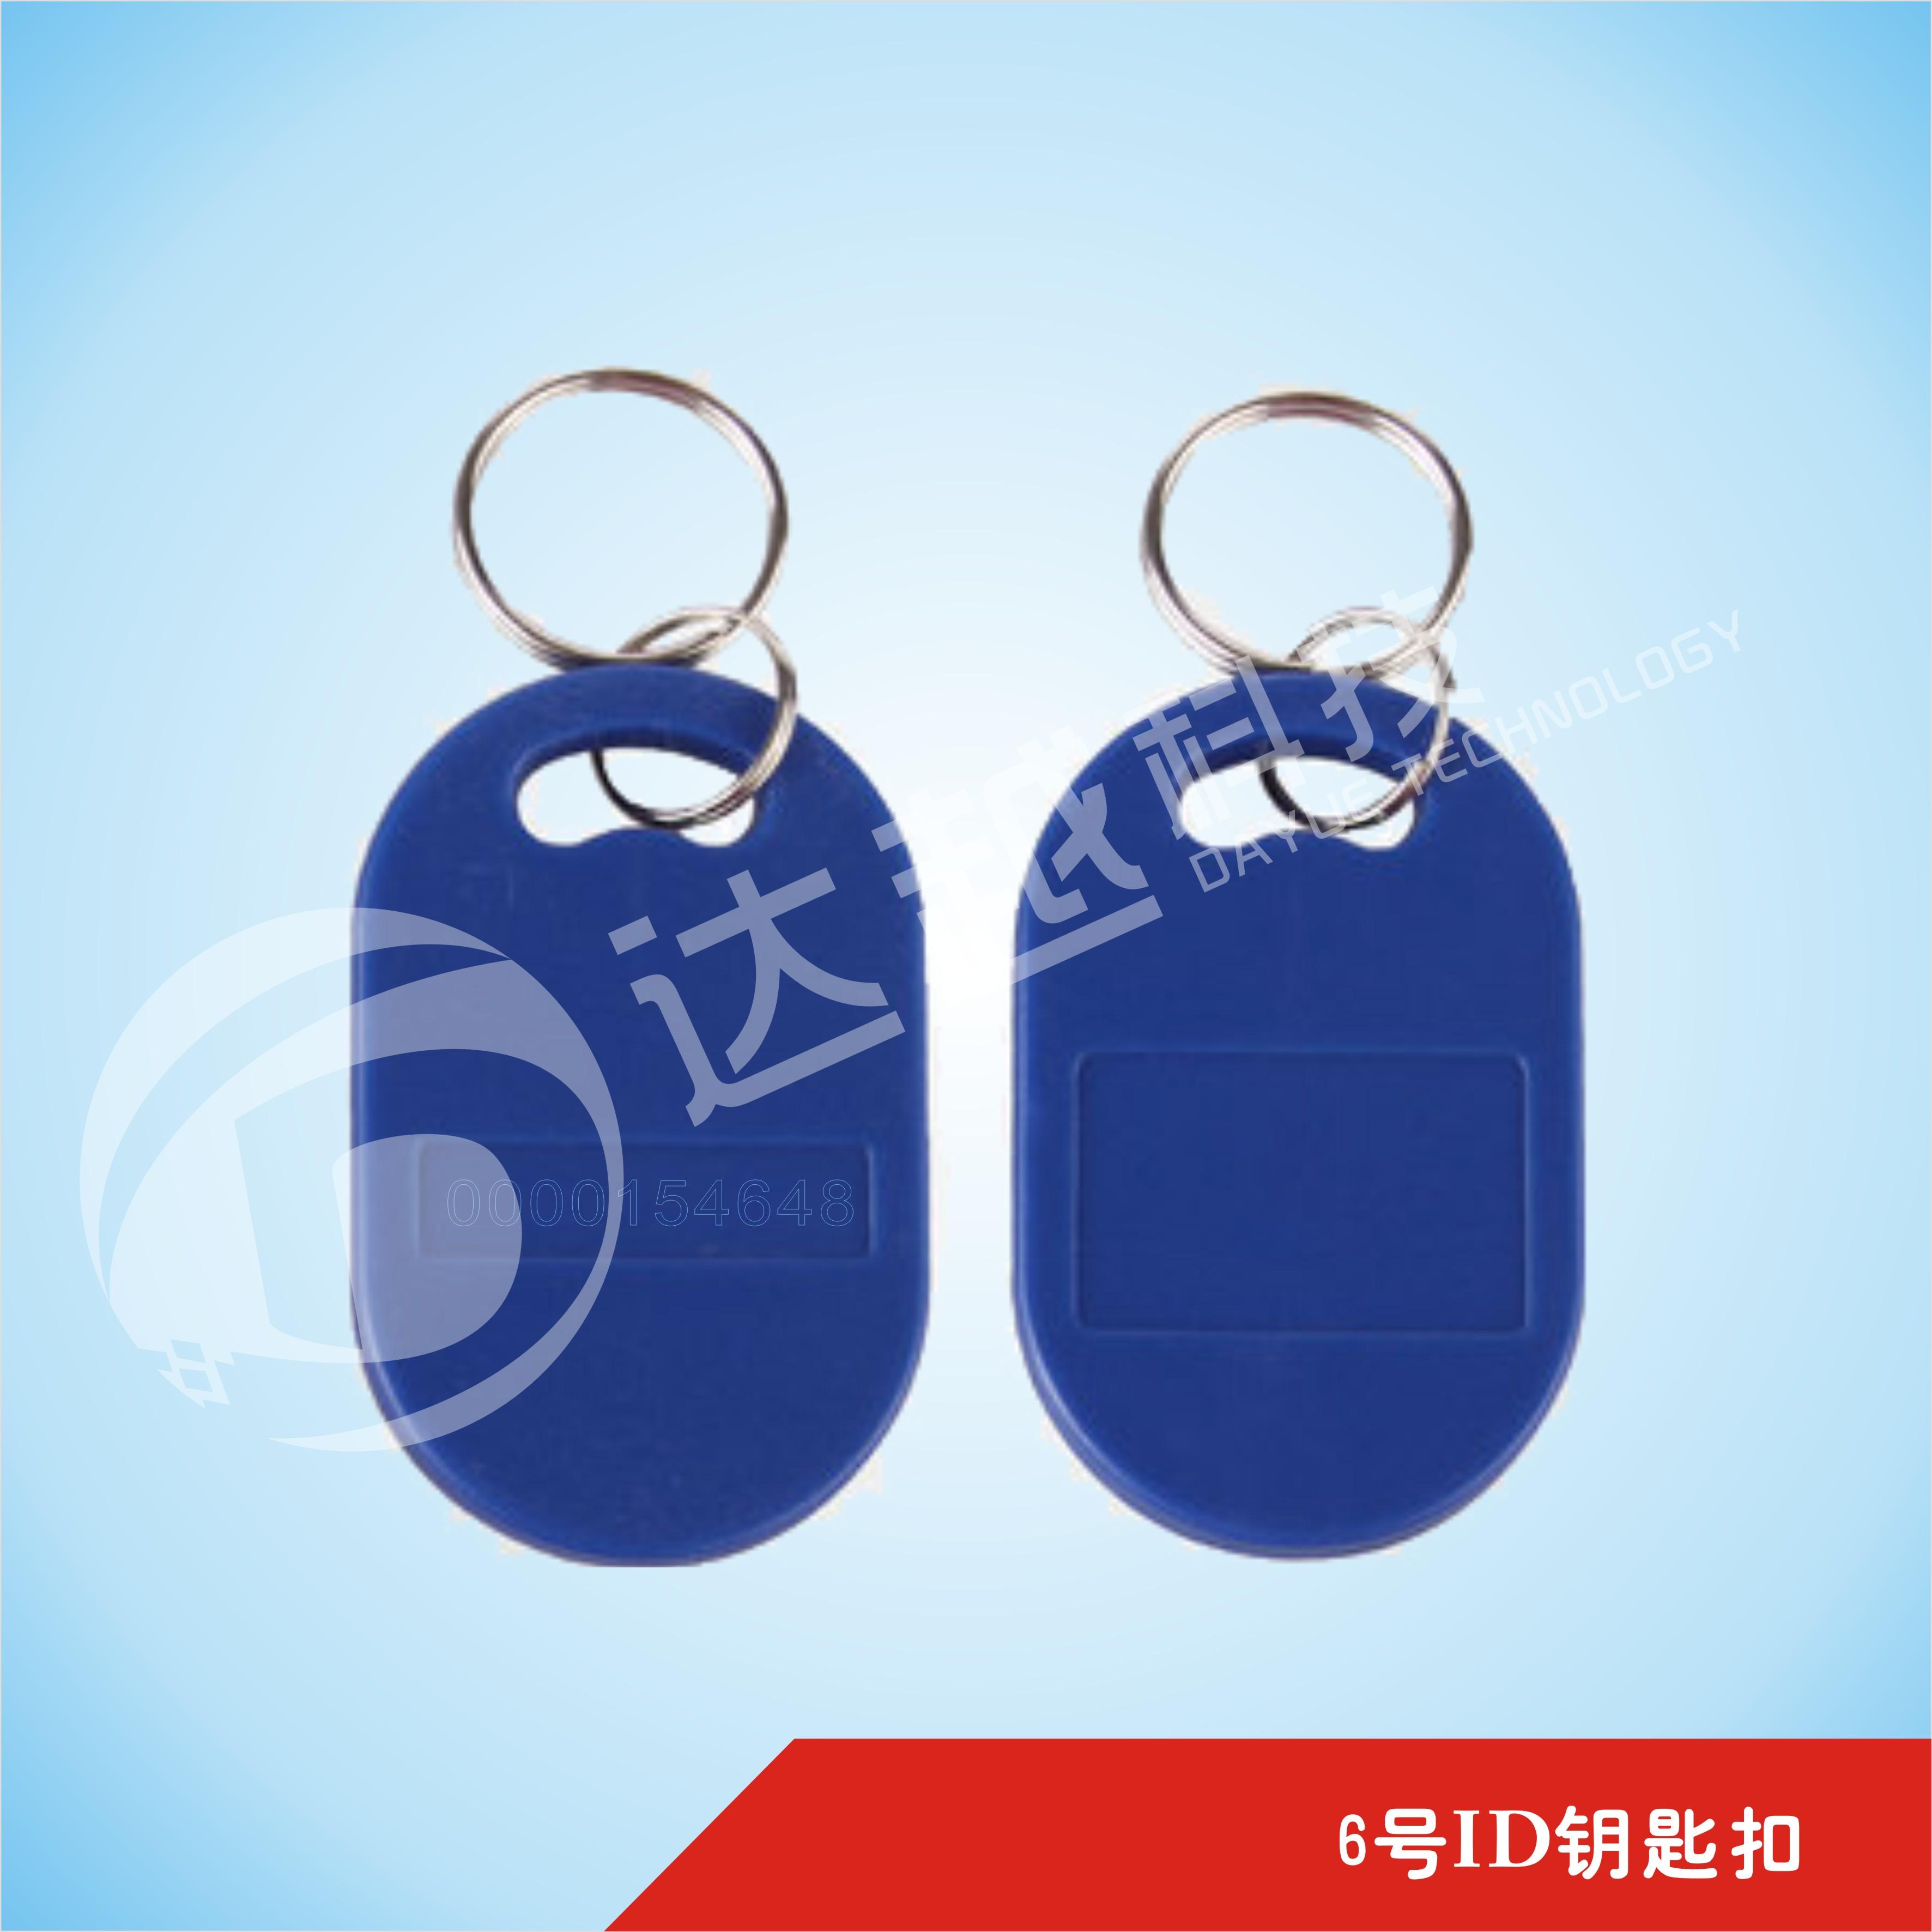 6號ID鑰匙扣.jpg